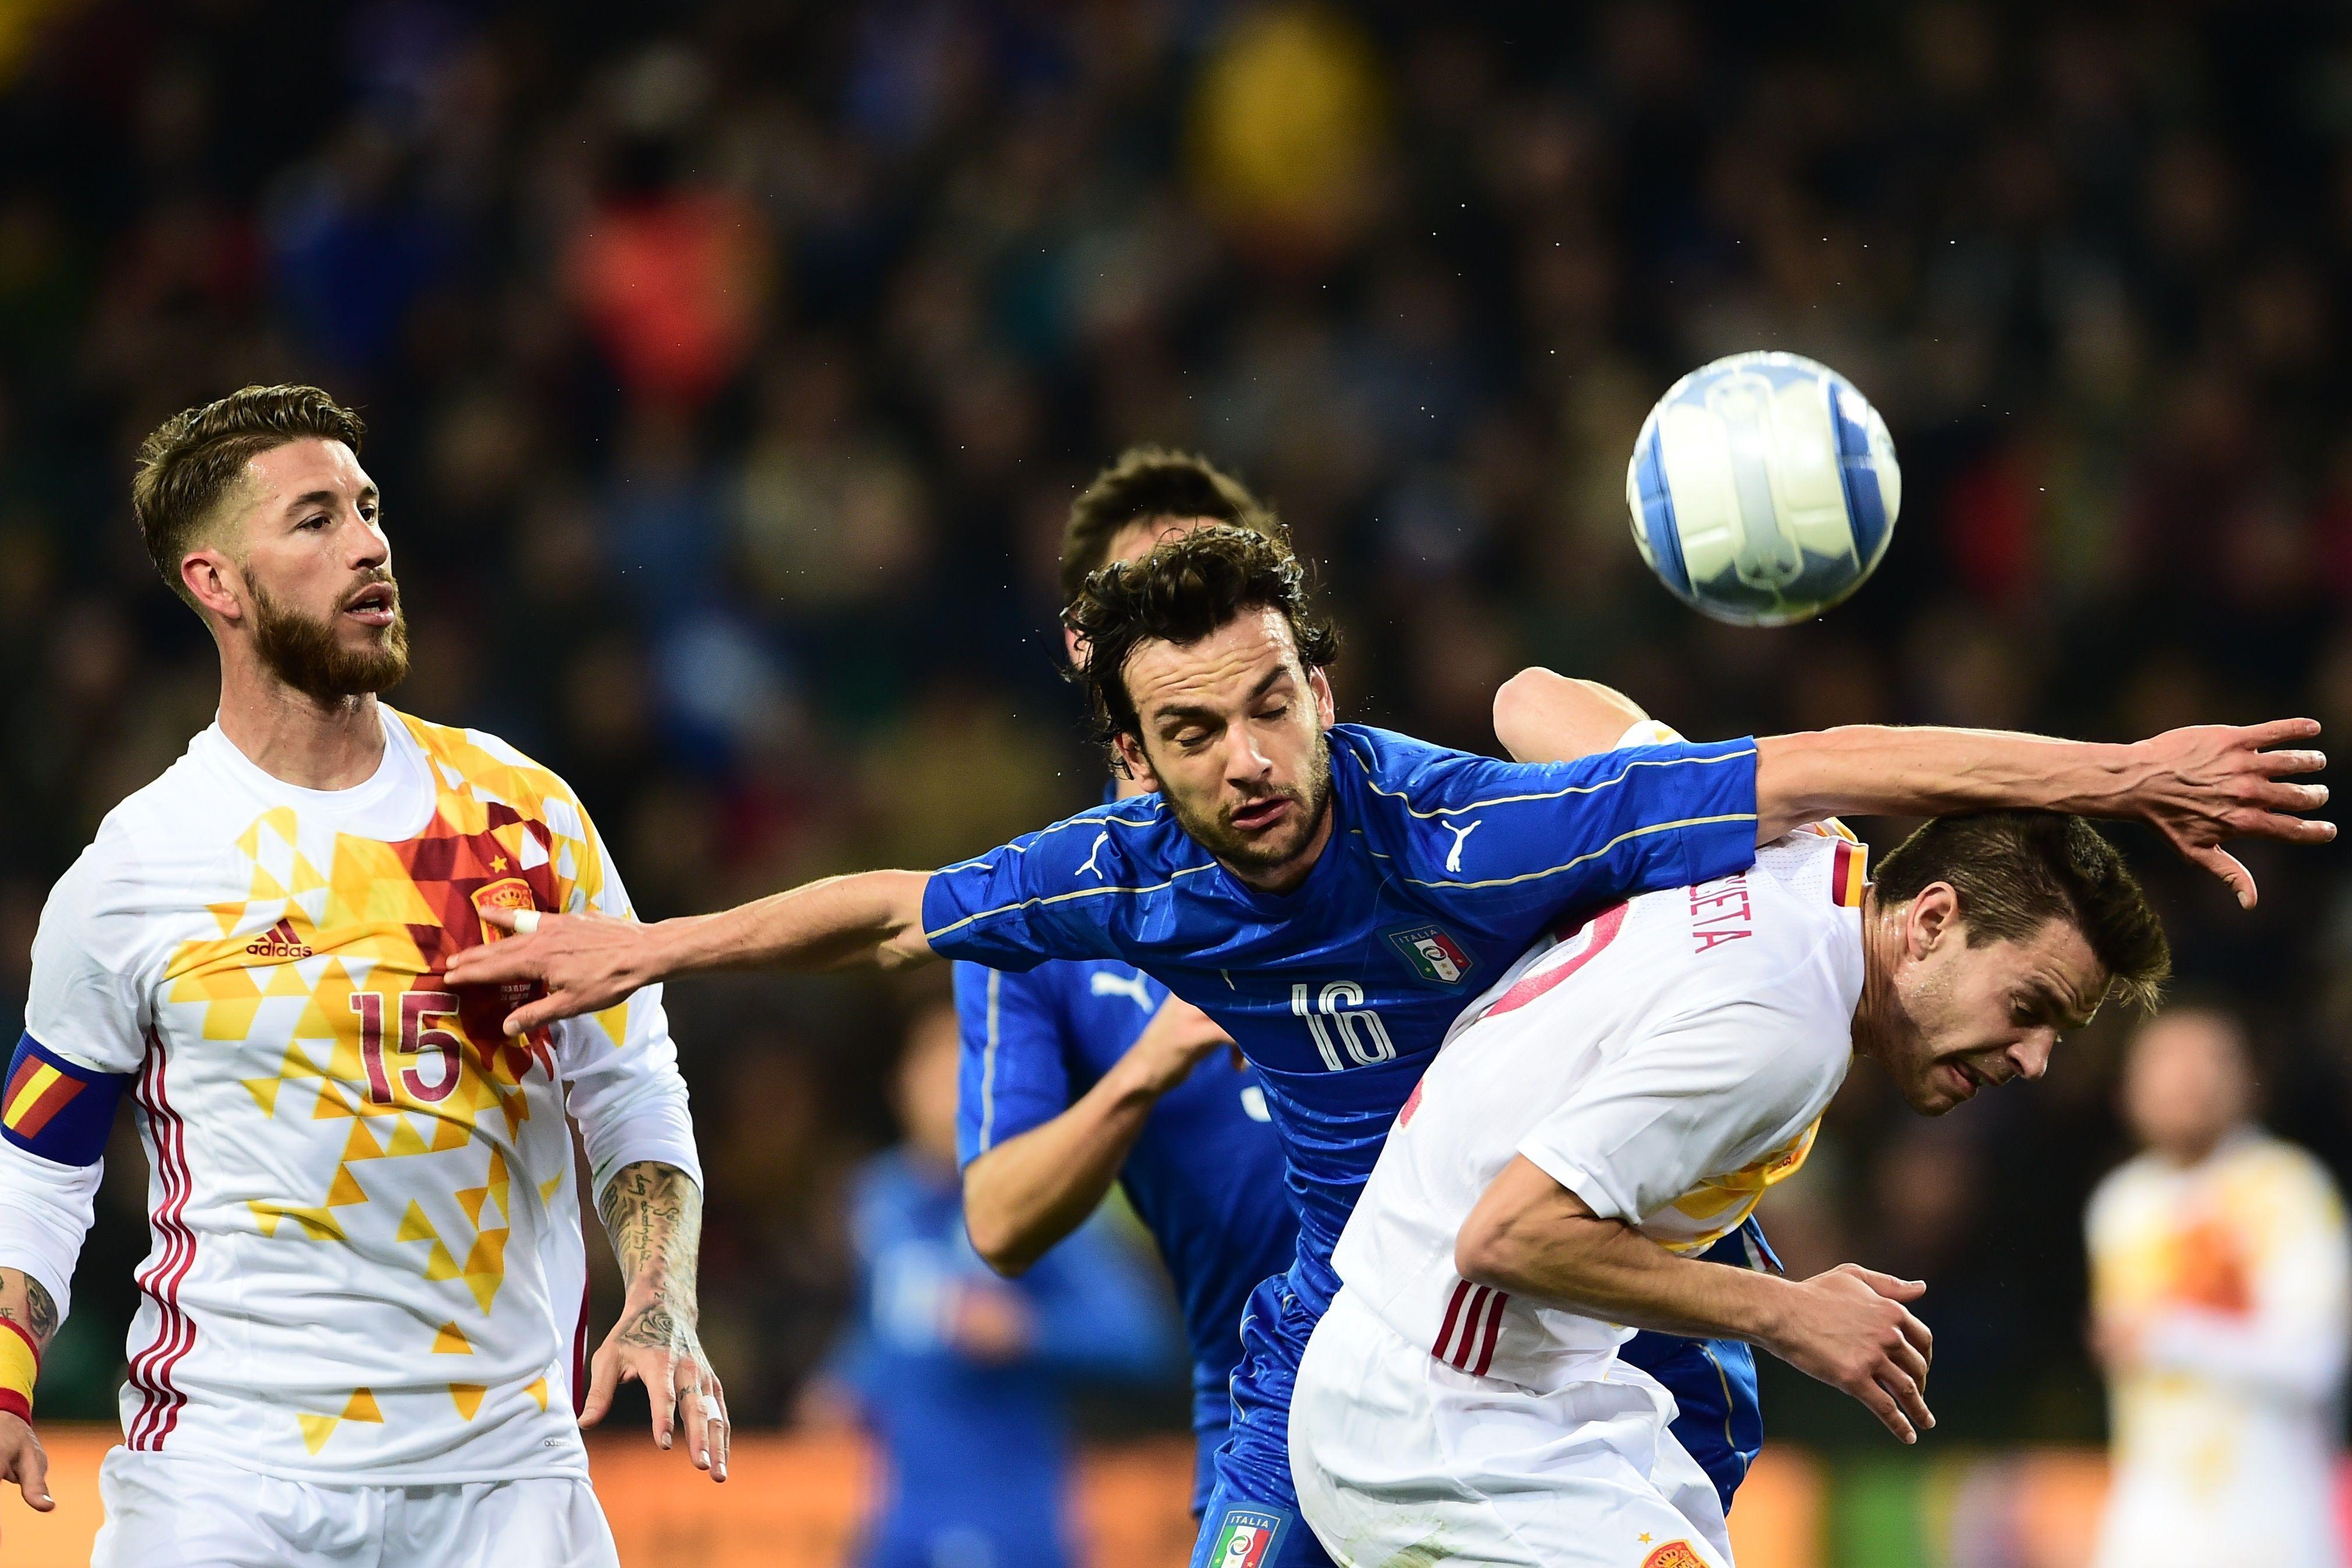 مباراة أسبانيا وإيطاليا يورو 2016 اليوم الاثنين توقيت